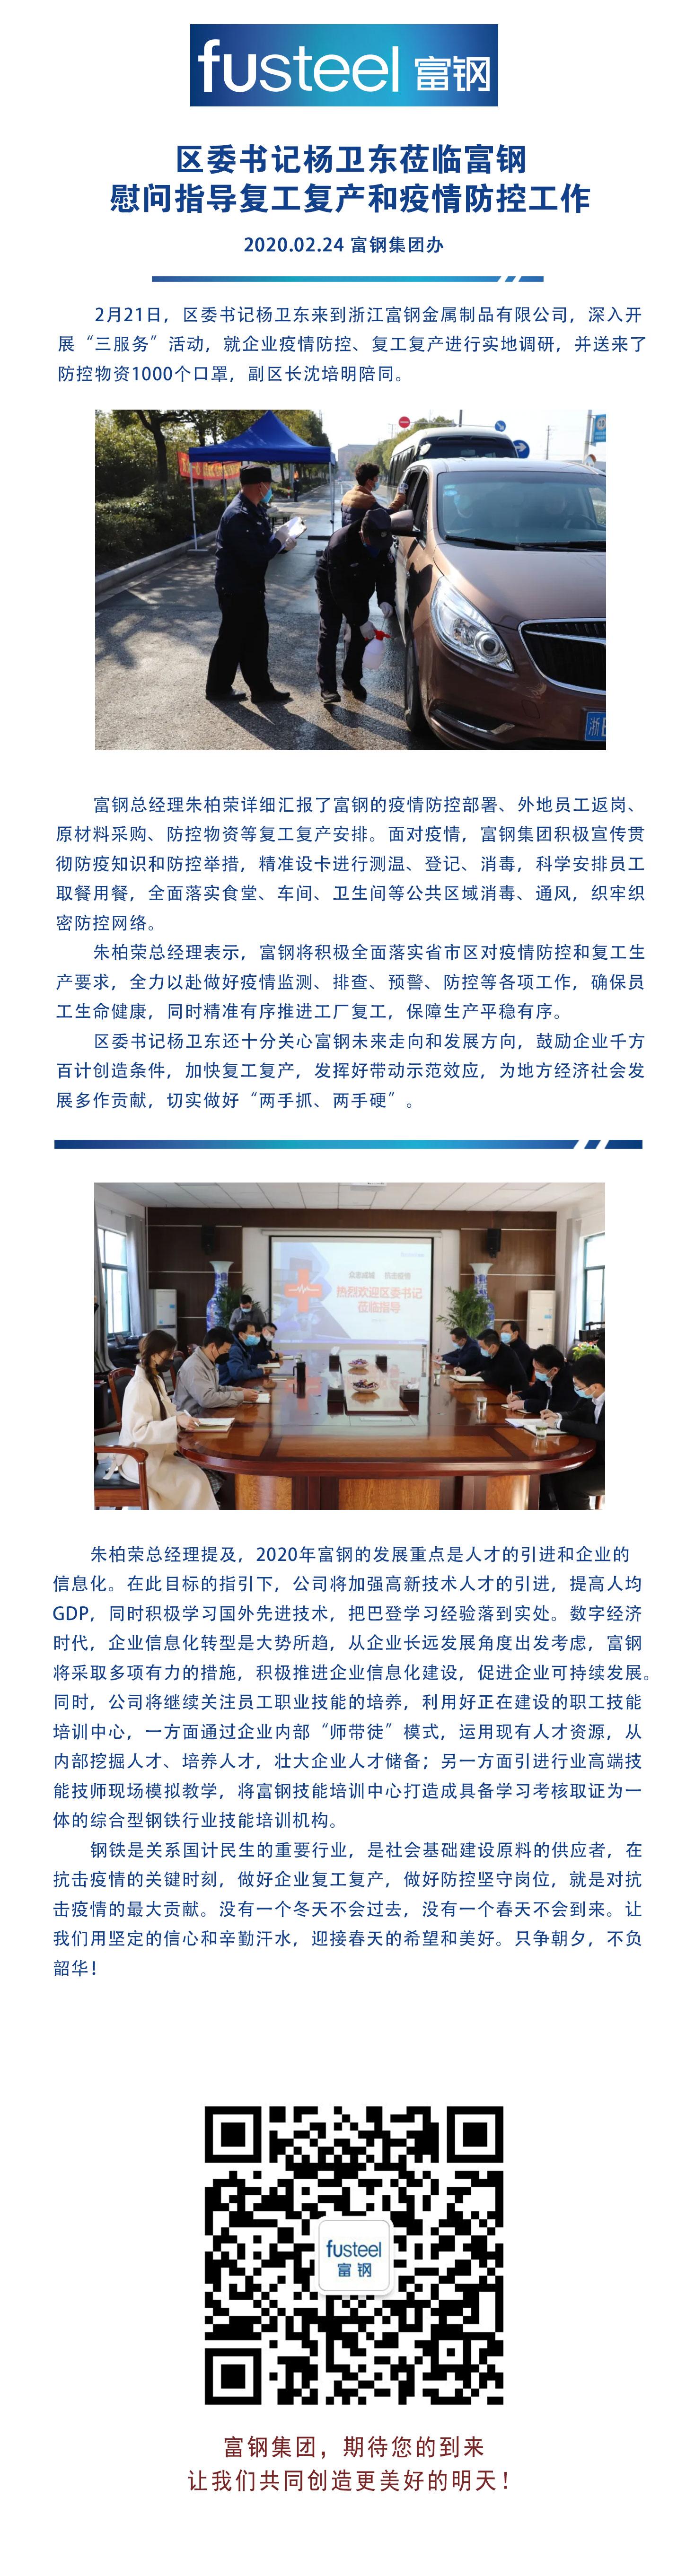 区委书记杨卫东莅临富钢慰问指导复工复产和疫情防控工作!